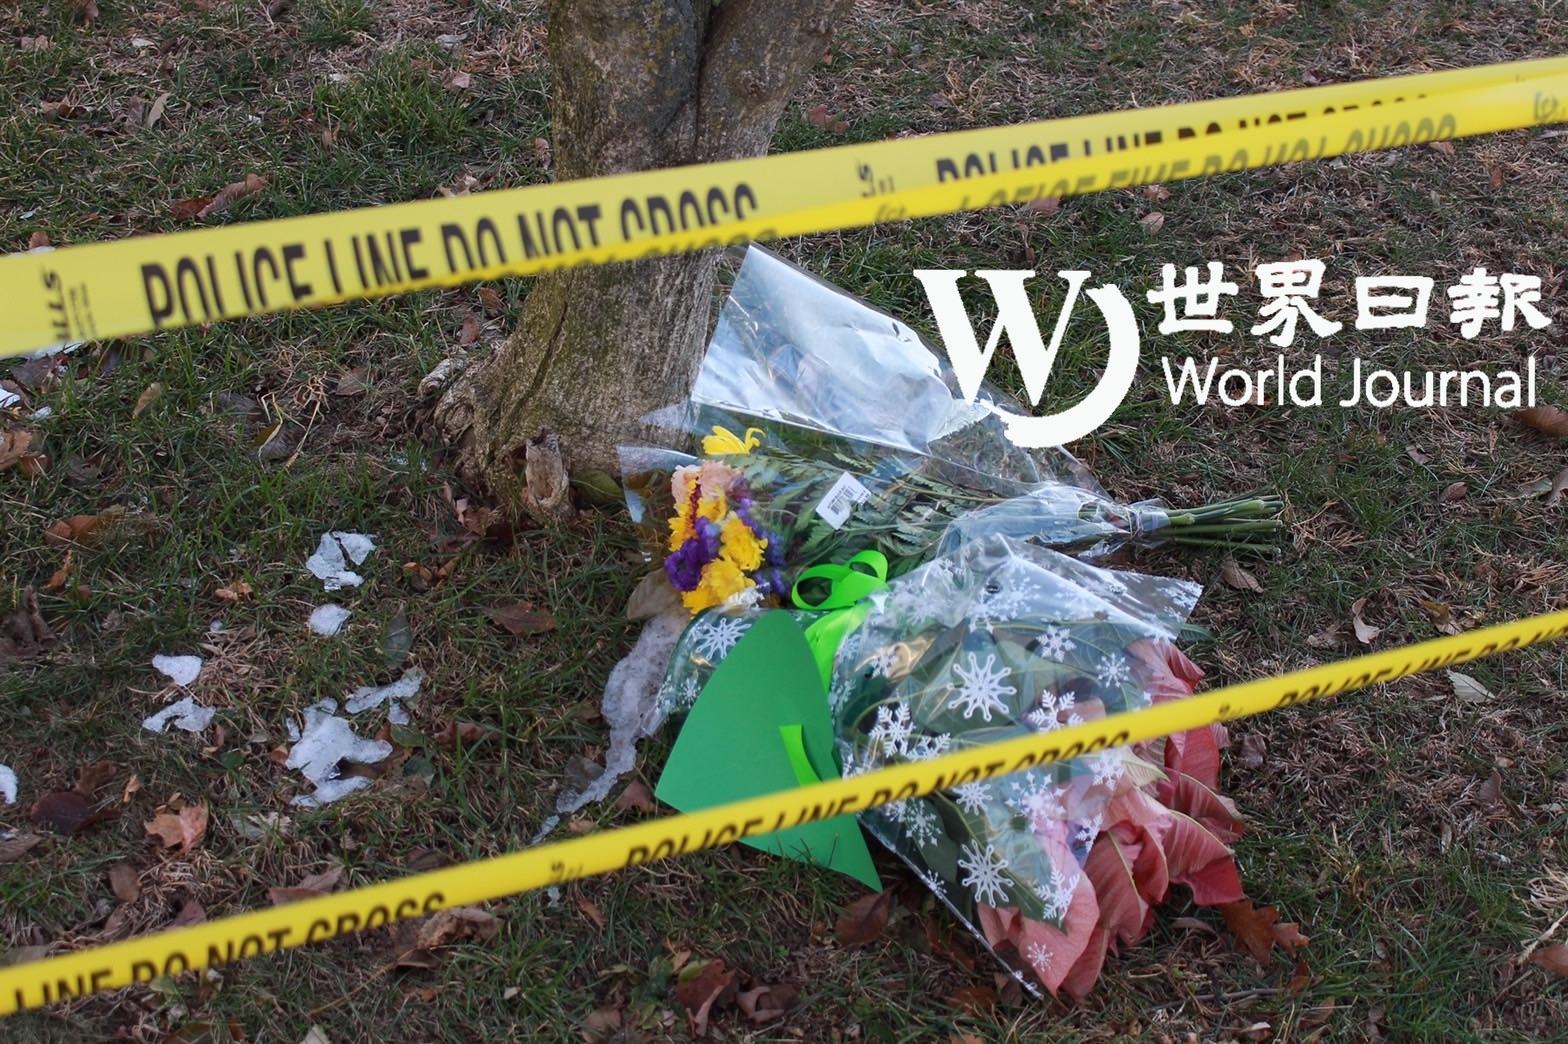 案發民宅外有民眾擺放哀悼花束。記者張晨/攝影